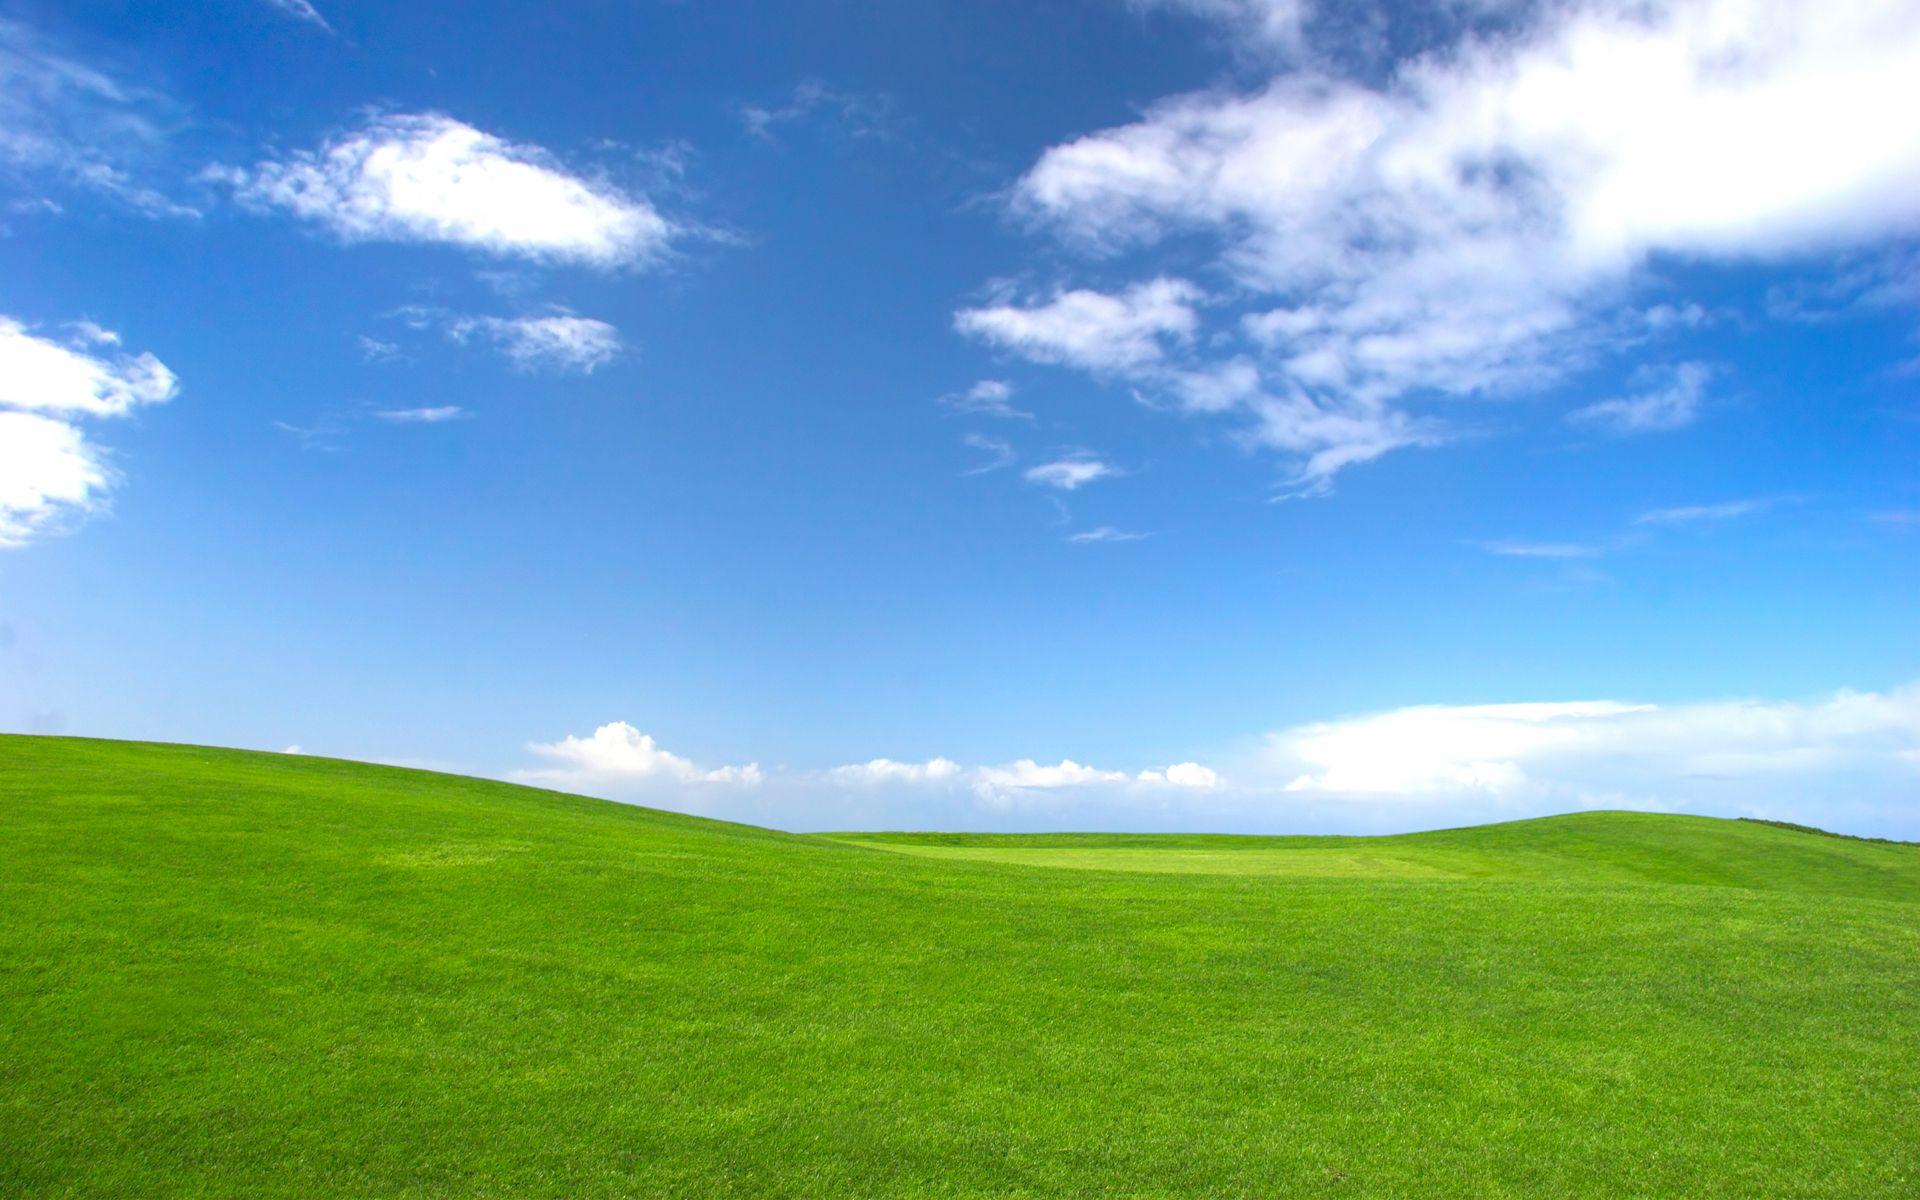 Hill 1920x1200 Grass Wallpaper Desktop Background Pictures Green Nature Wallpaper